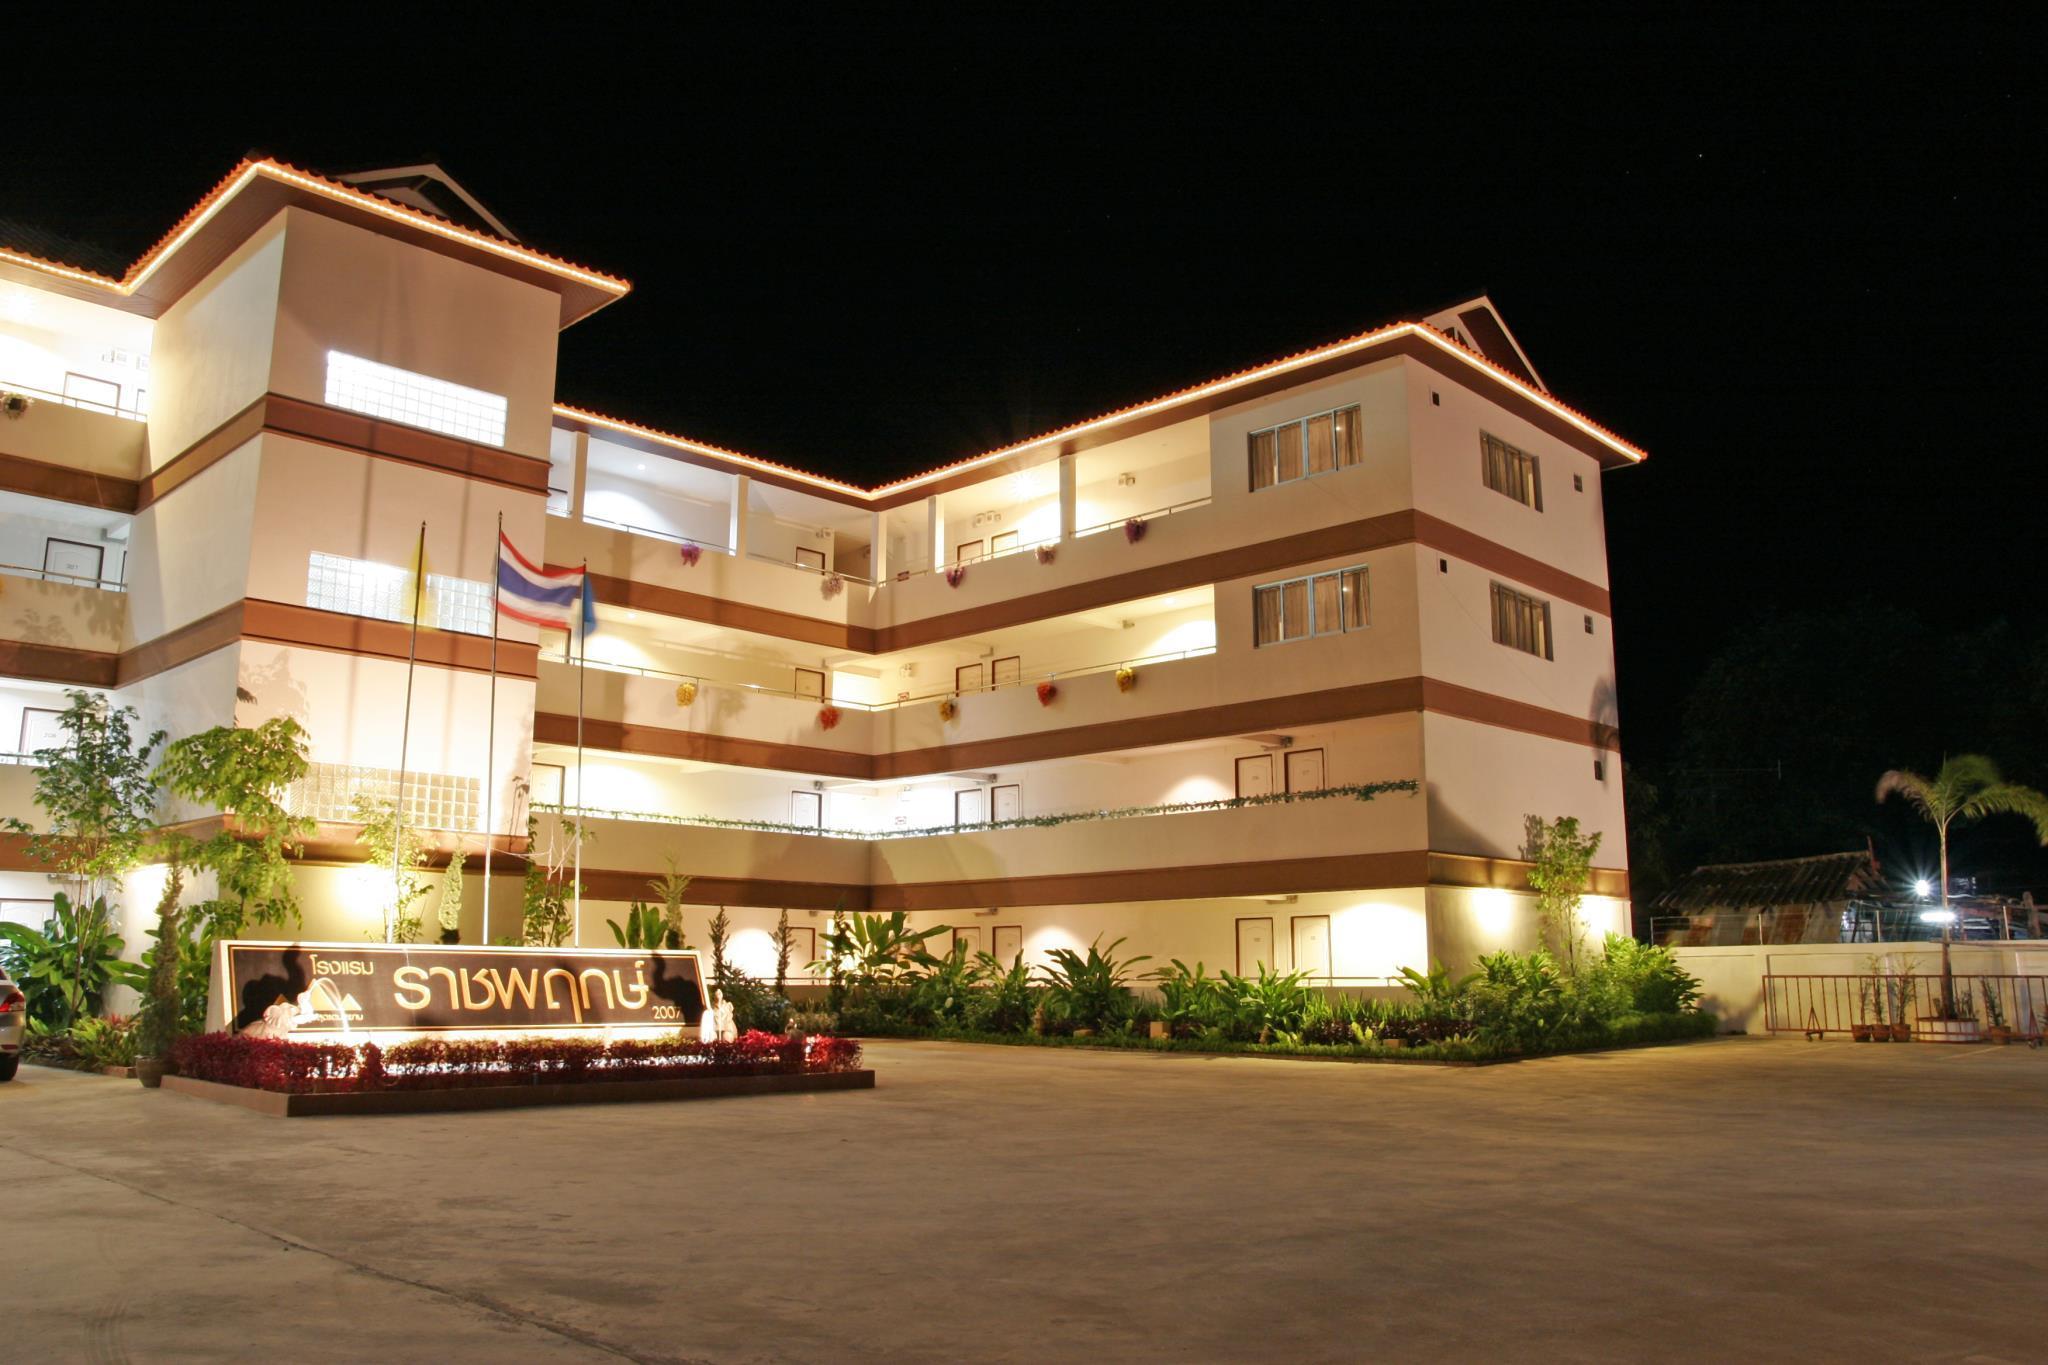 Ratchaphruek 2007 Hotel,โรงแรมราชพฤกษ์ 2007